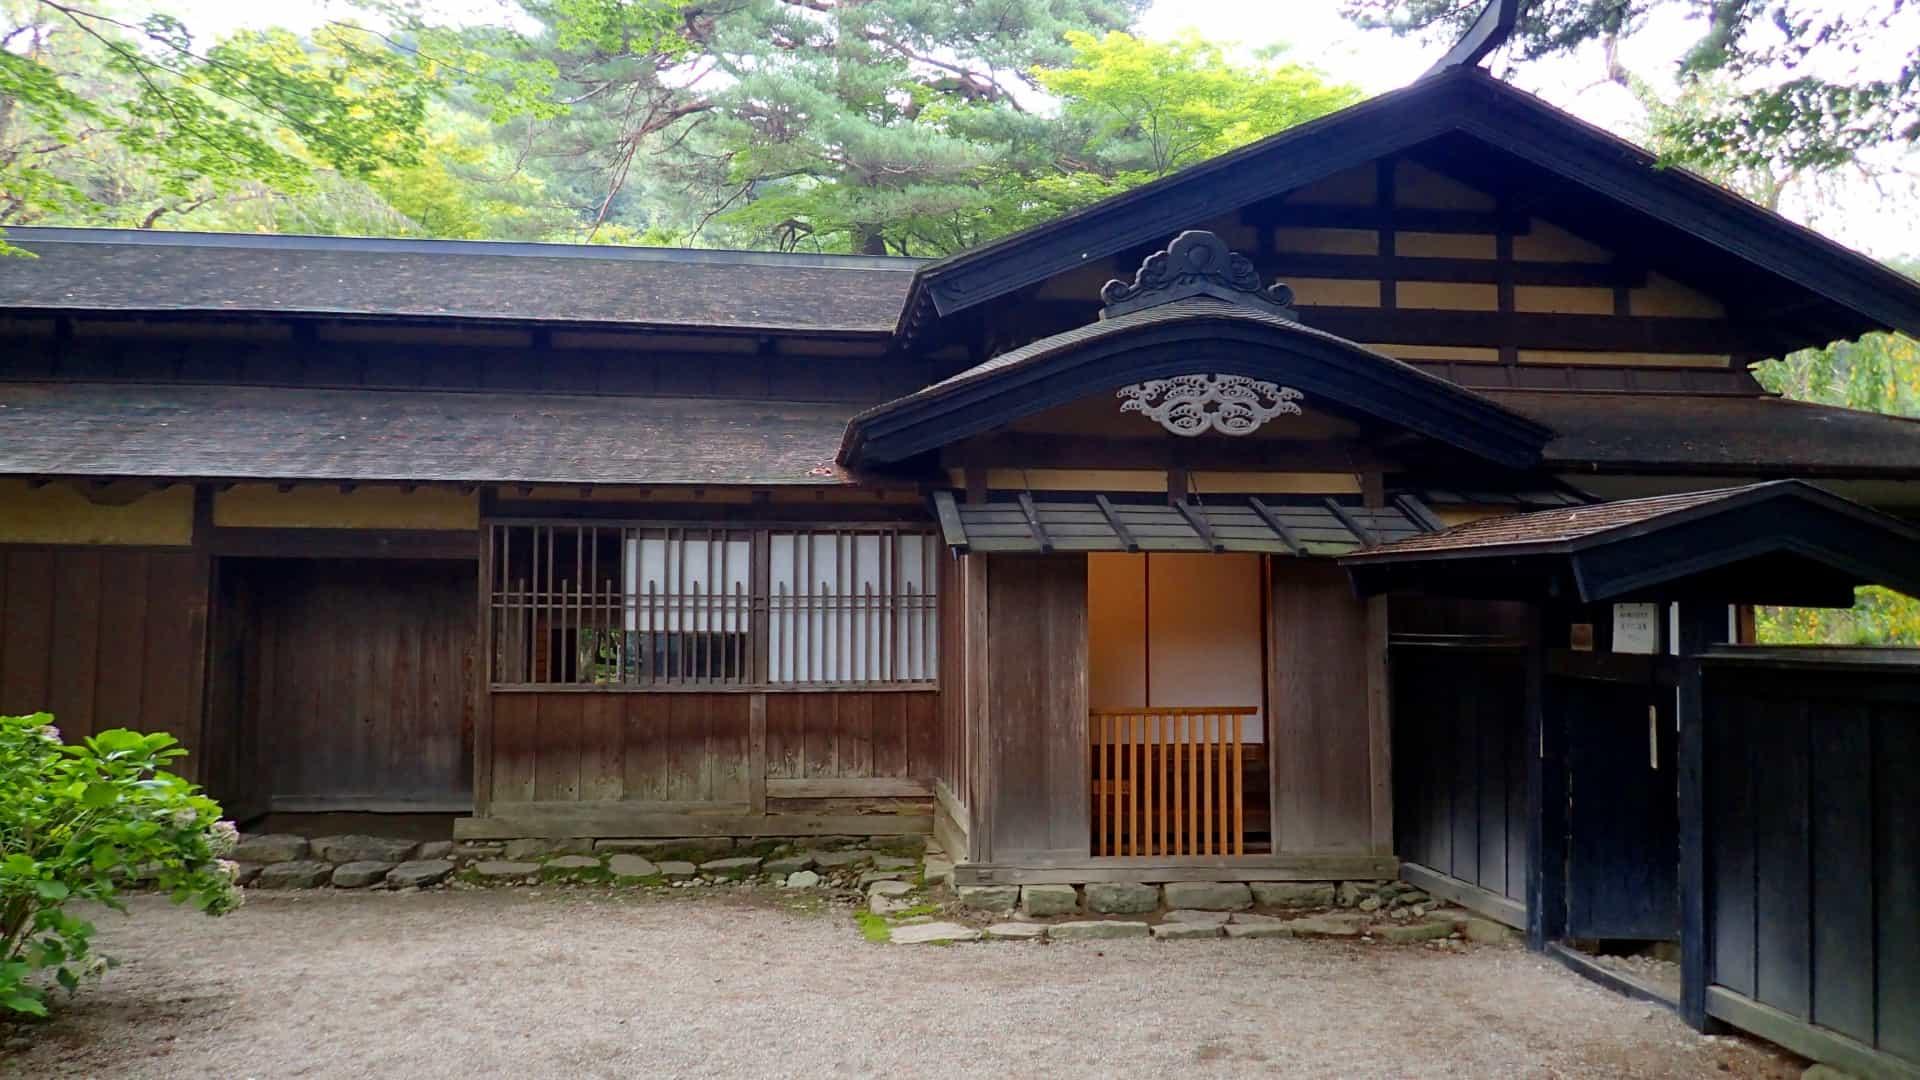 Kakunodate หมู่บ้านซามูไร ที่เที่ยว ควรไปของ อาคิตะ